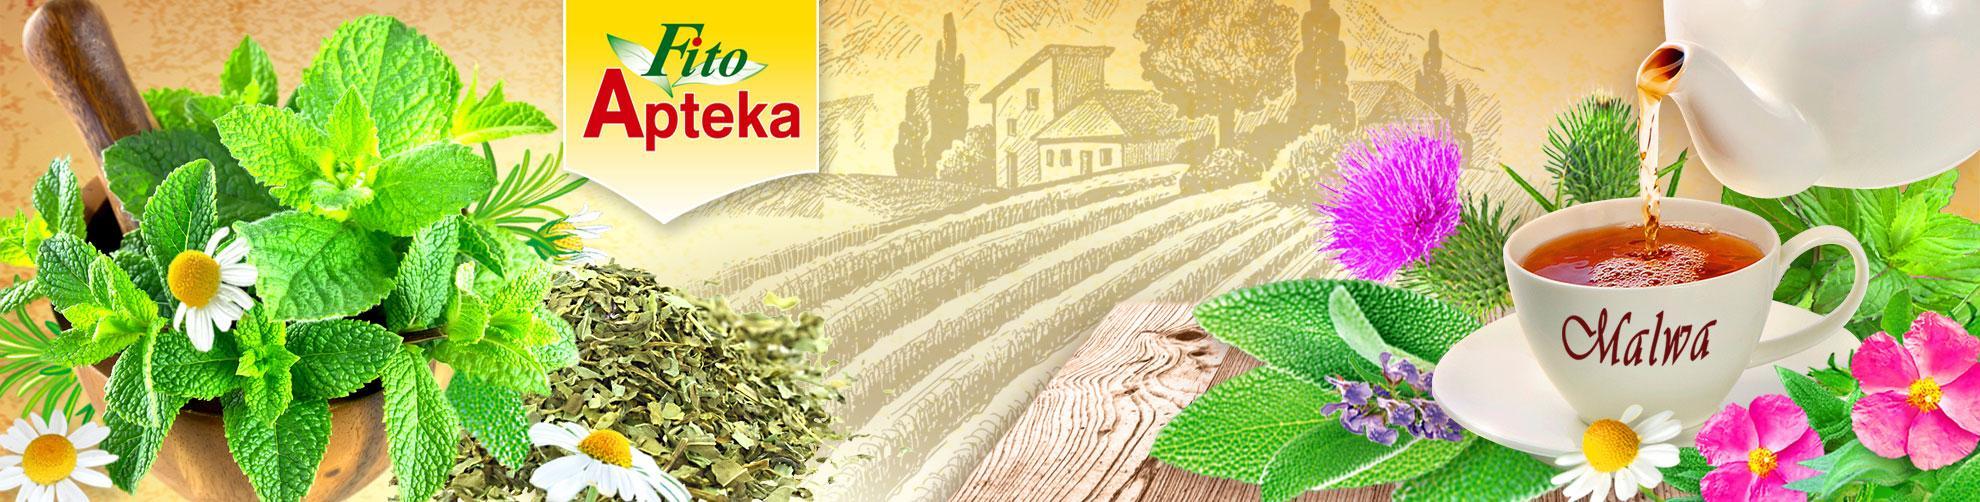 Malwa Tea - Susze Ziołowe Fito Apteka